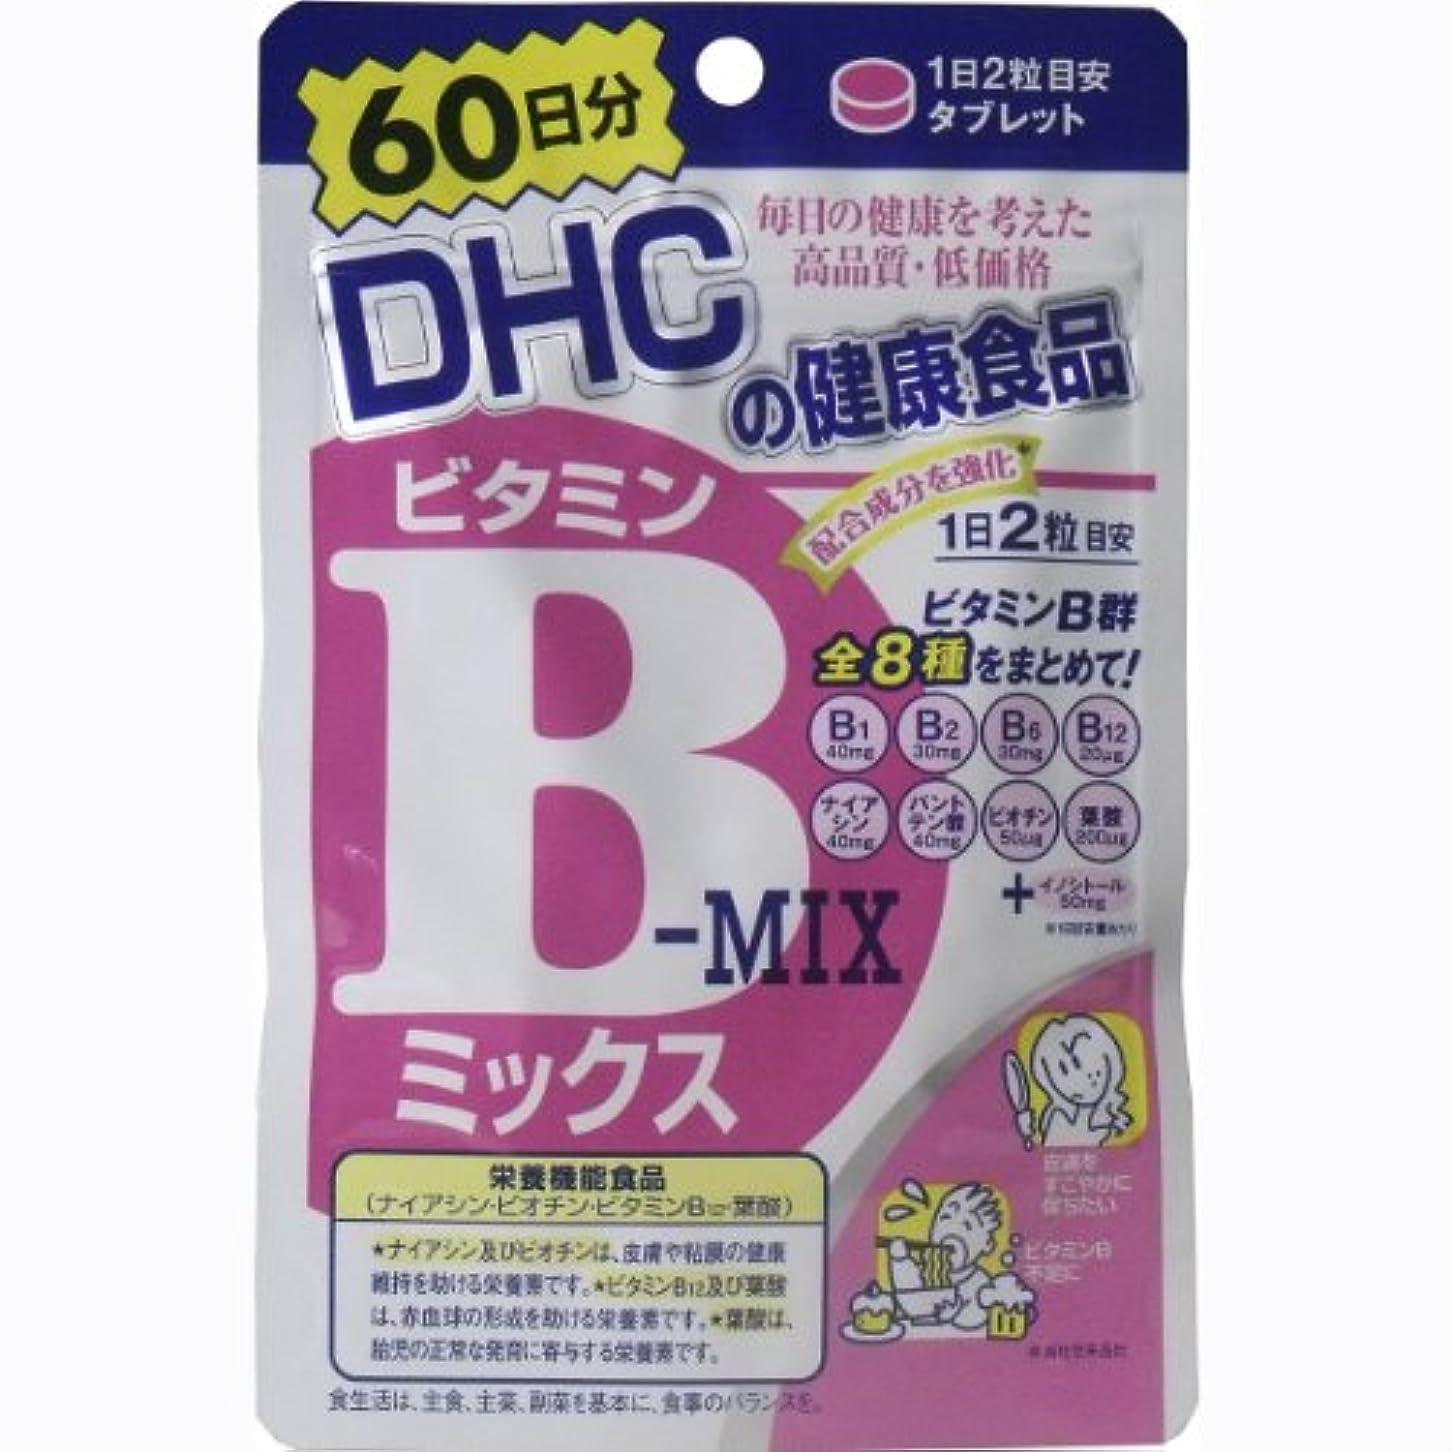 木曜日決めますコメントDHC ビタミンBミックス 120粒(60日分)×2個セット